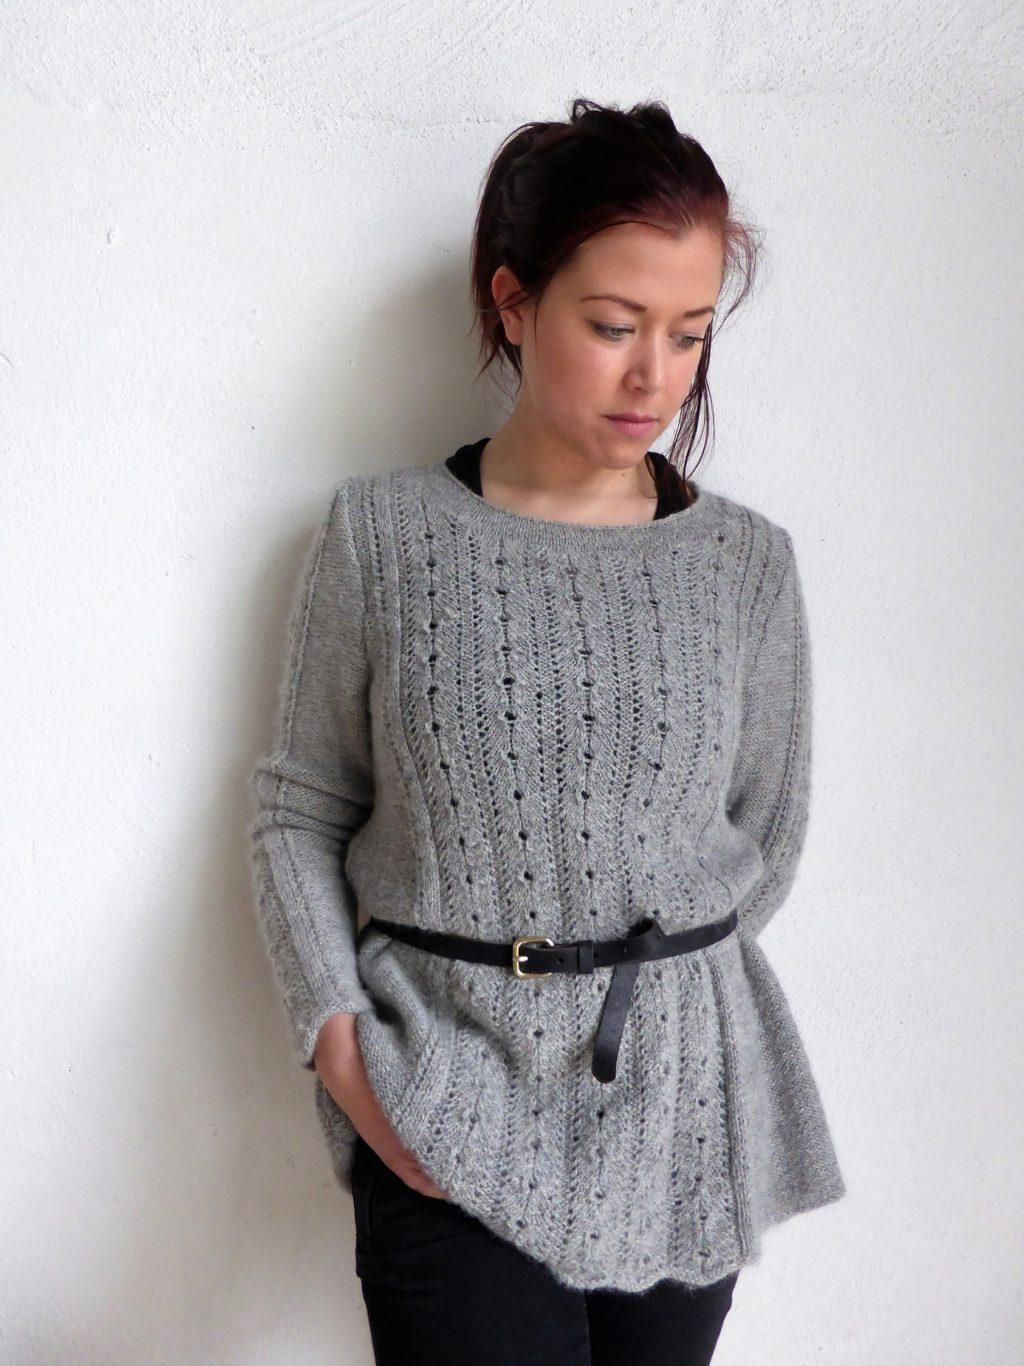 Grace a-linjeformad tröja i Road to China Light, stickkit